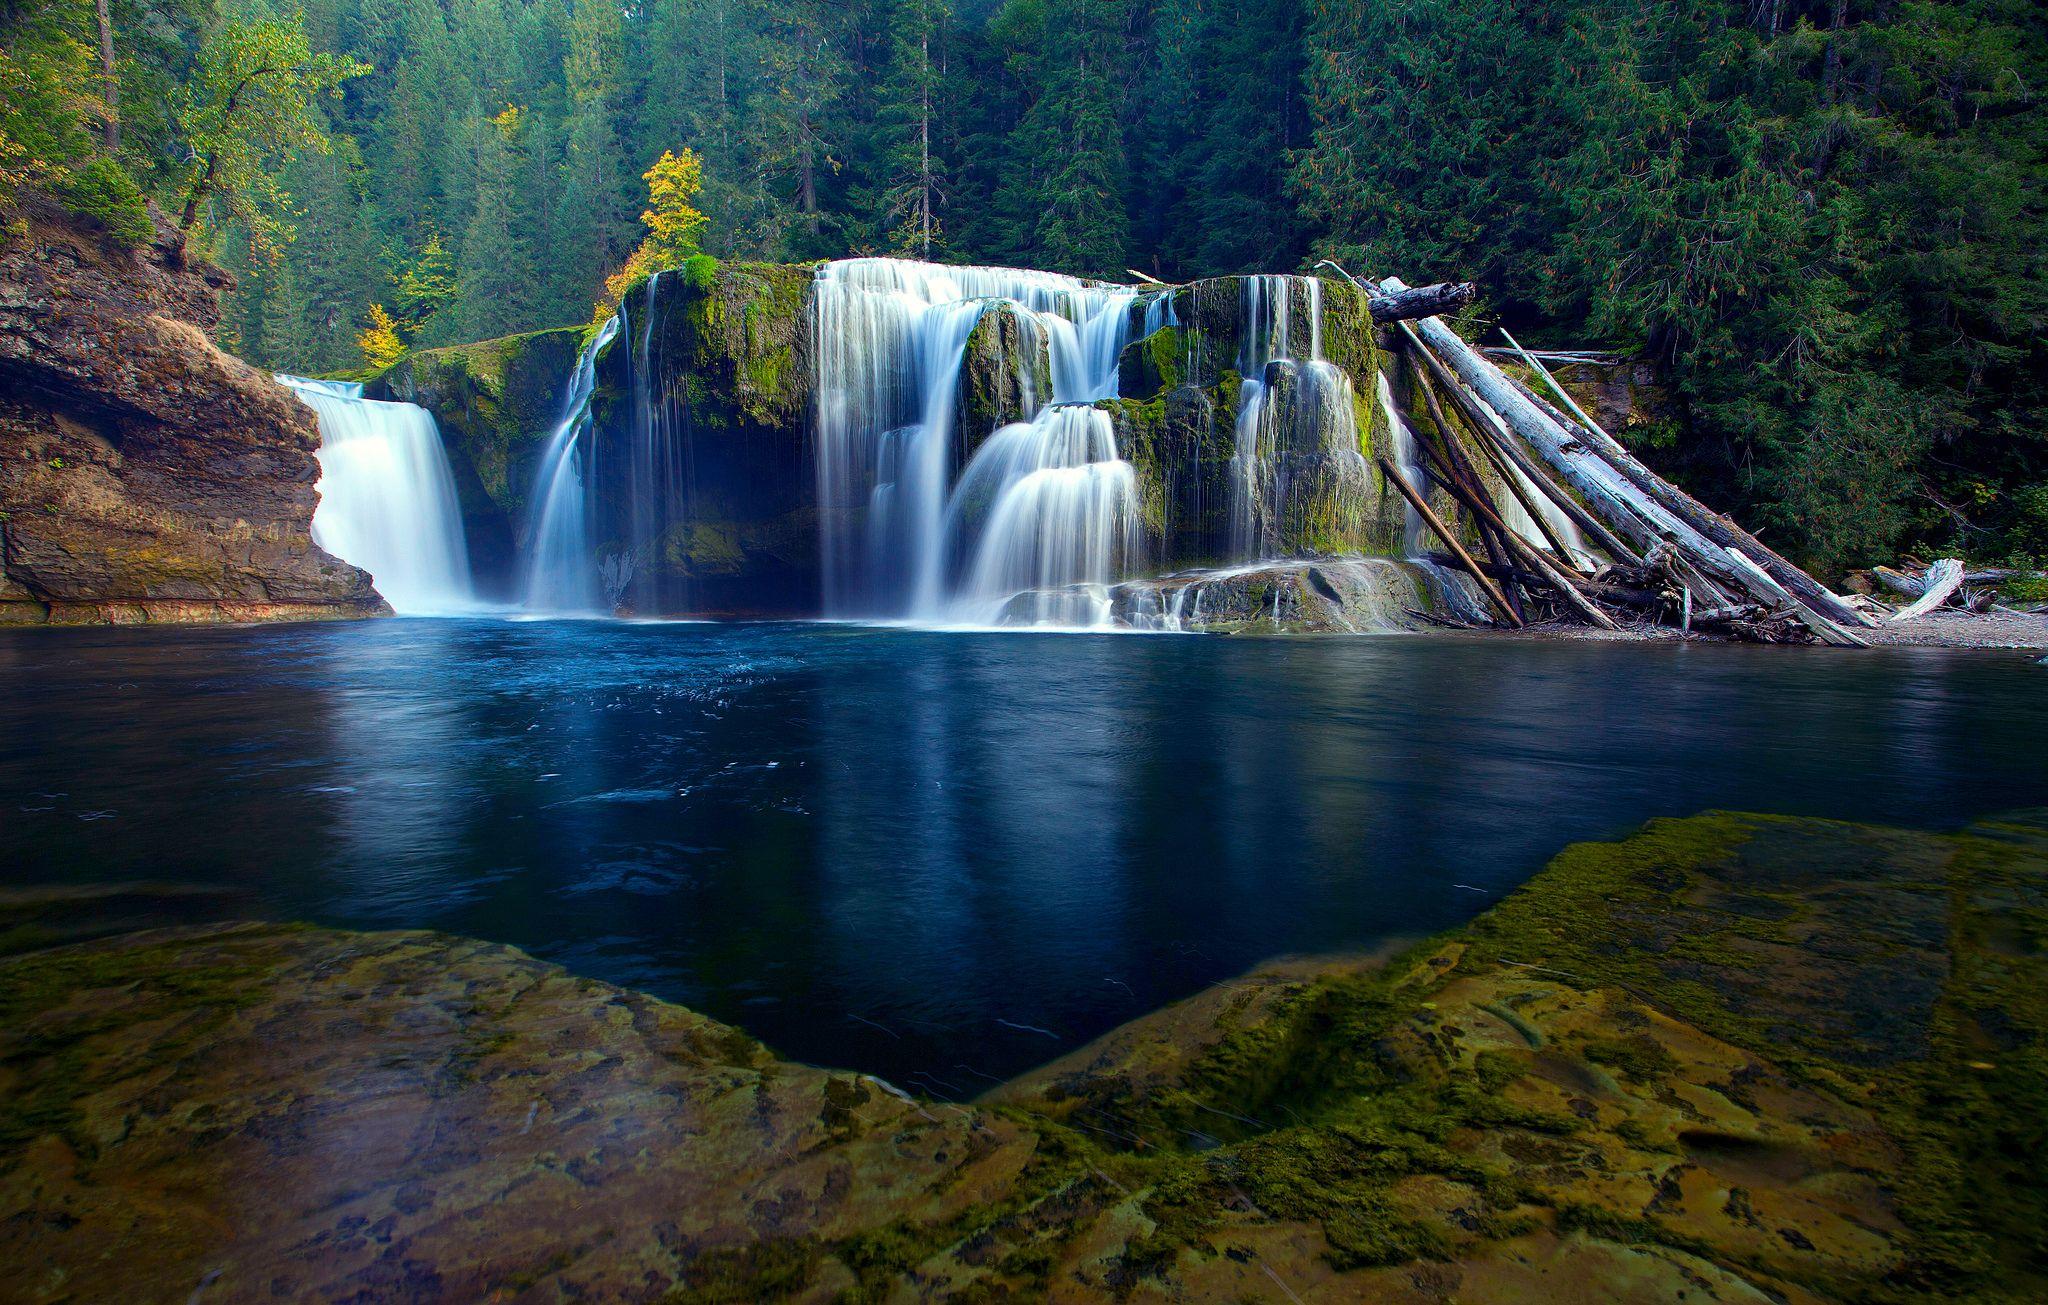 Paesaggi D Acqua Piscine terra/natura cascate nature landscape forest backwater